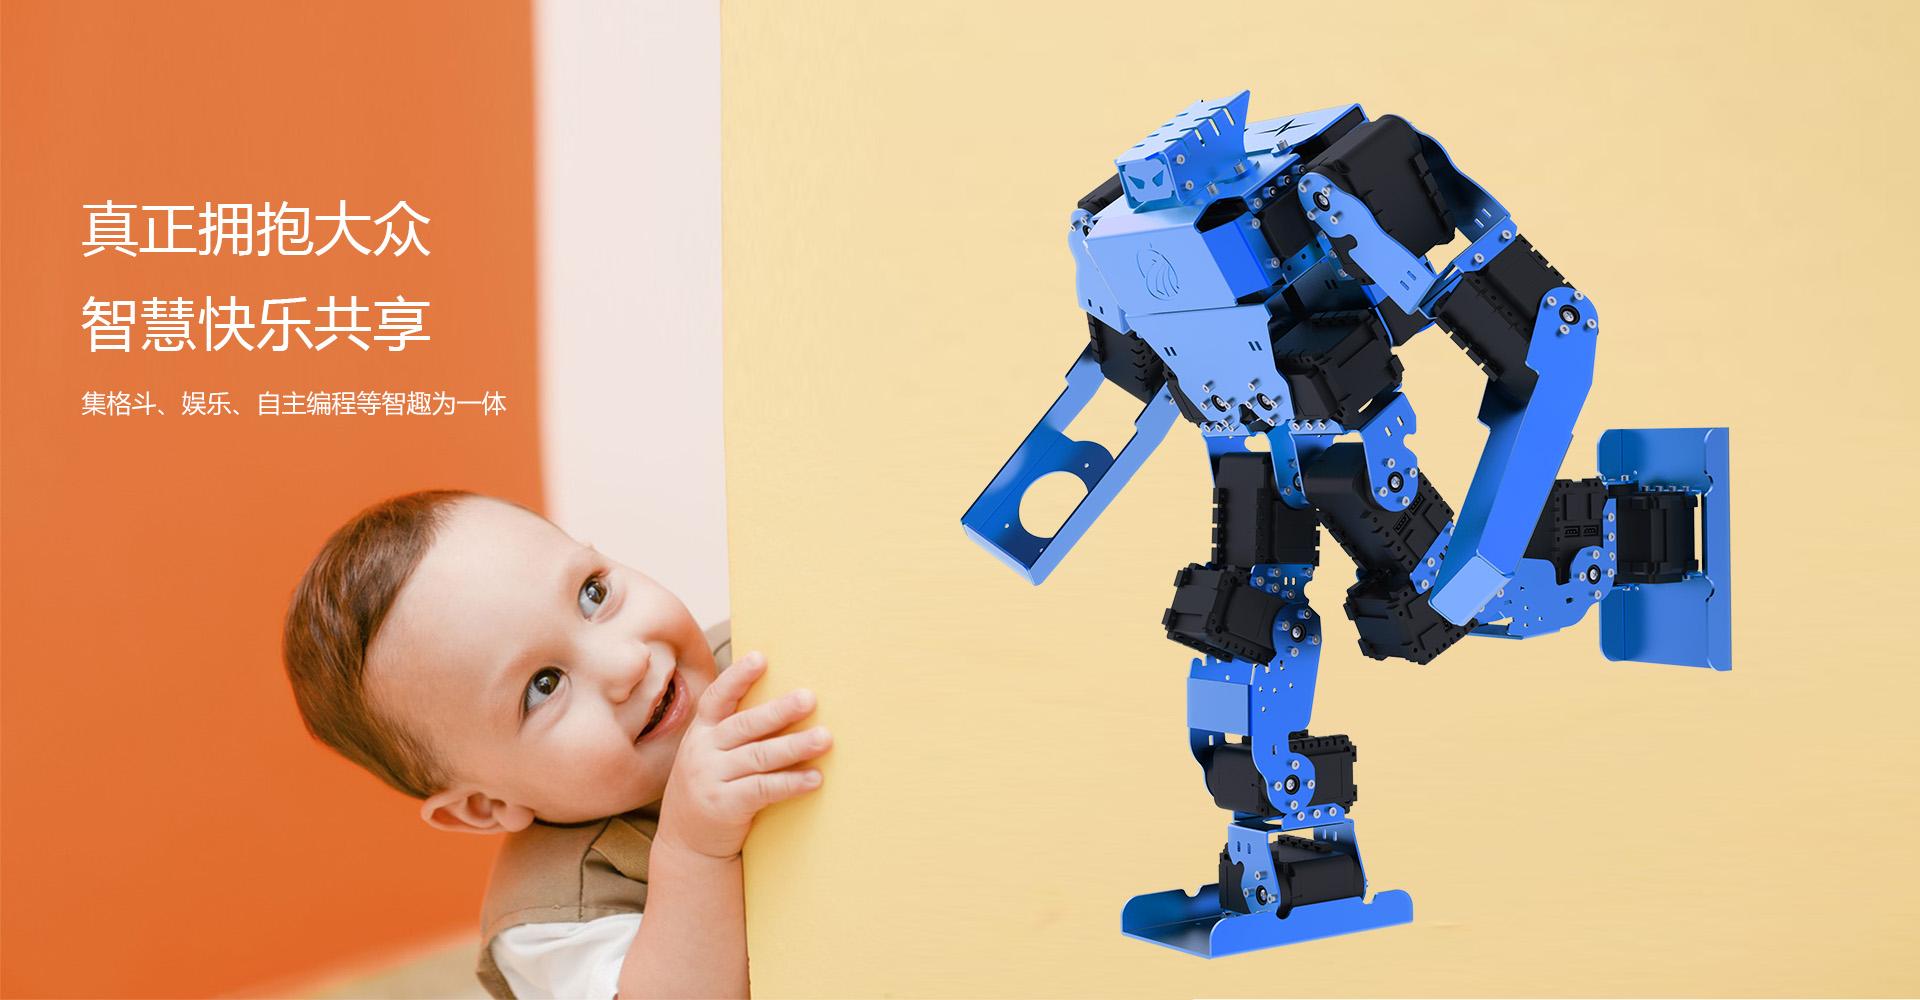 娱乐机器人